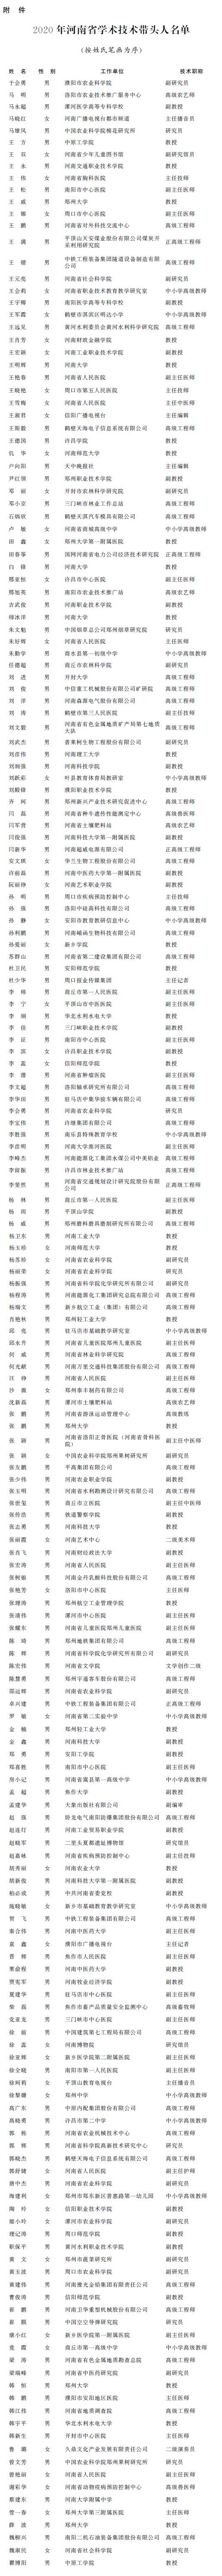 河南省人民政府办公厅关于公布2020年度河南省学术技术带头人名单的通知